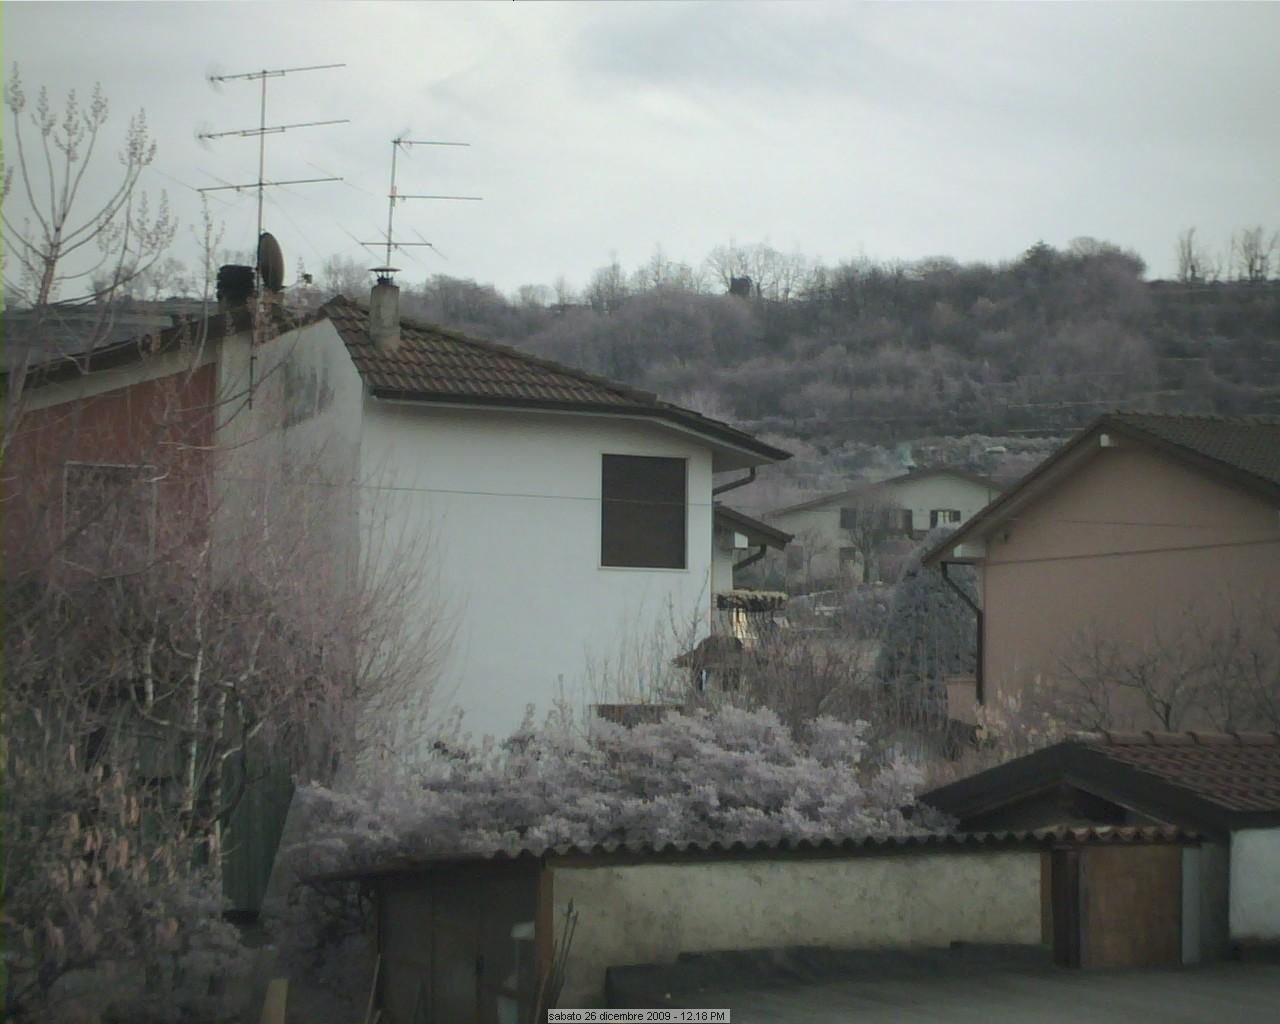 Webcam Casaglio, installazione su tetto Gussag13